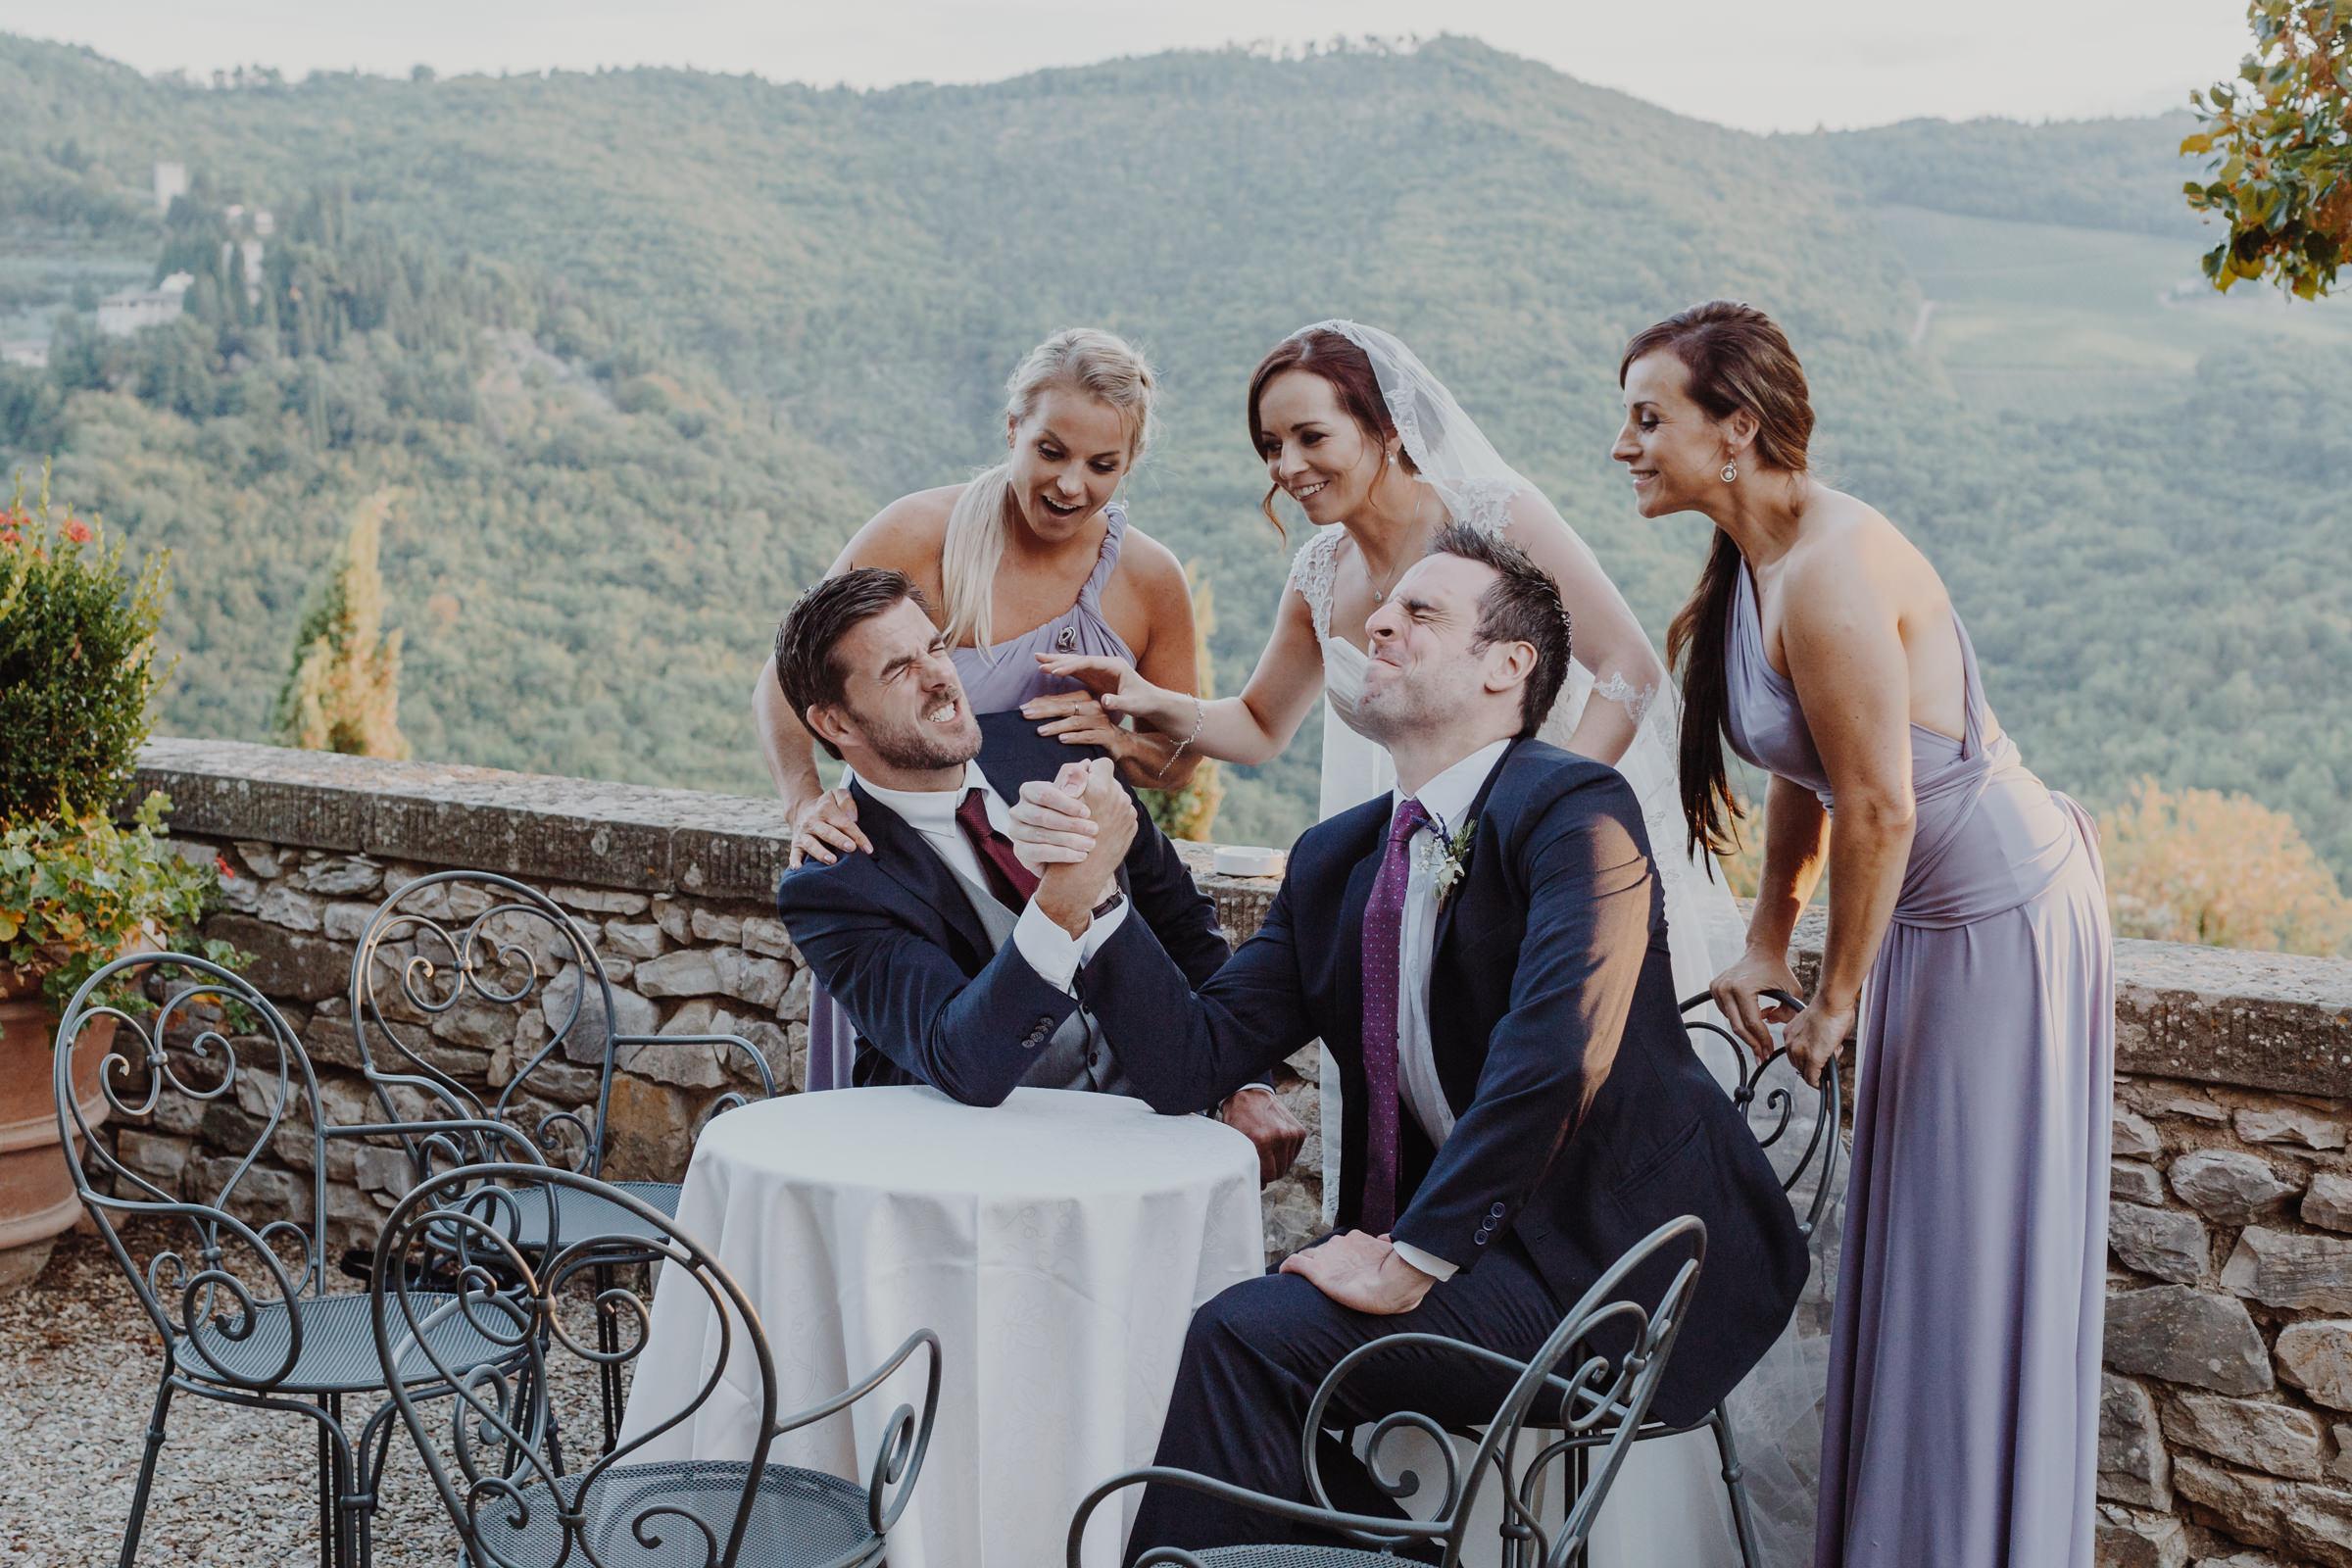 funny portrait wedding castello vicchiomaggio.jpg